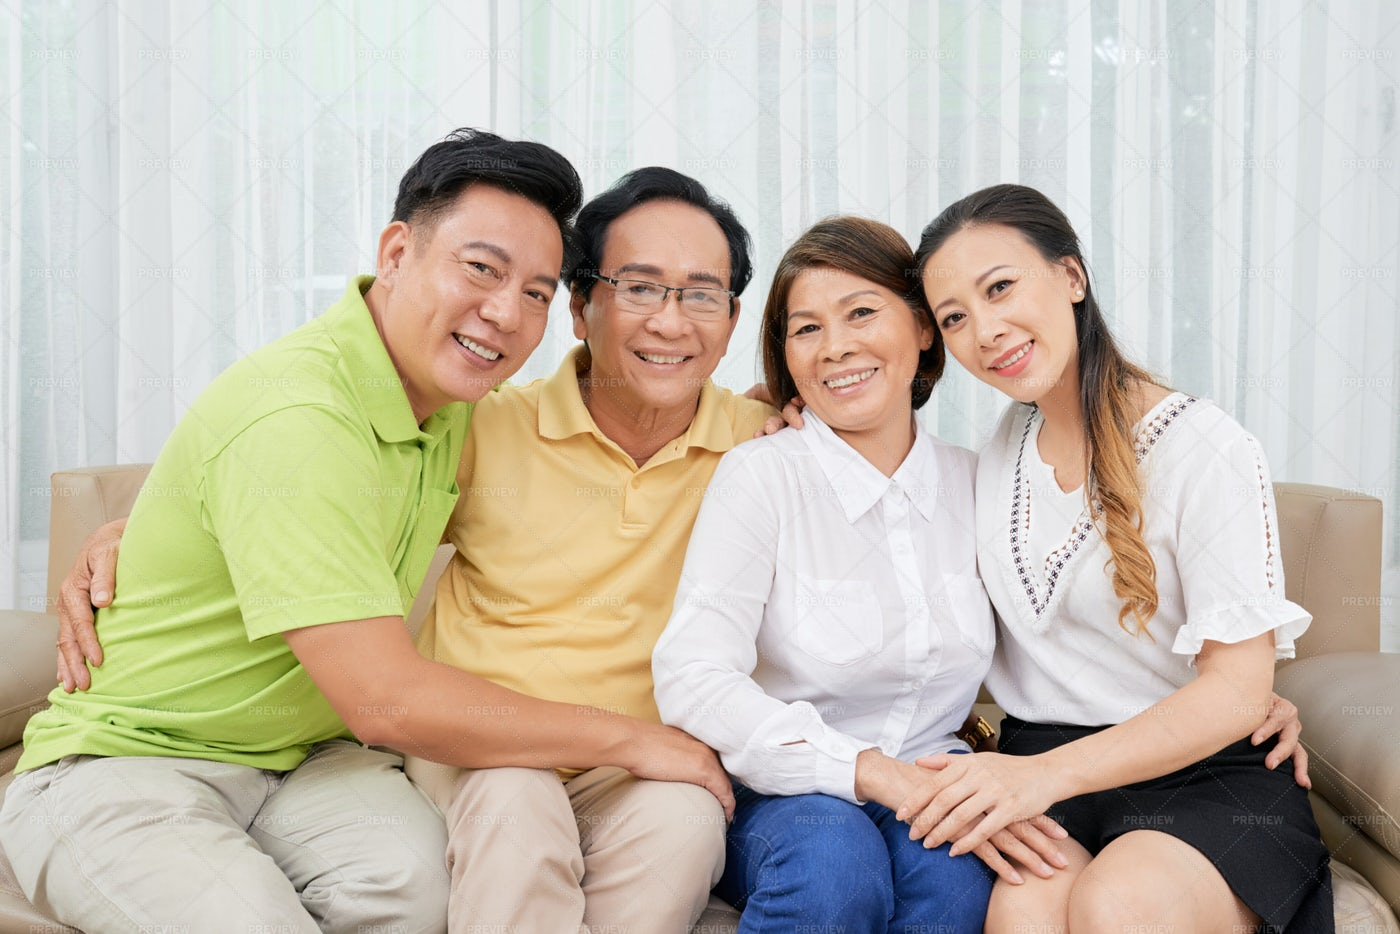 Loving Family: Stock Photos